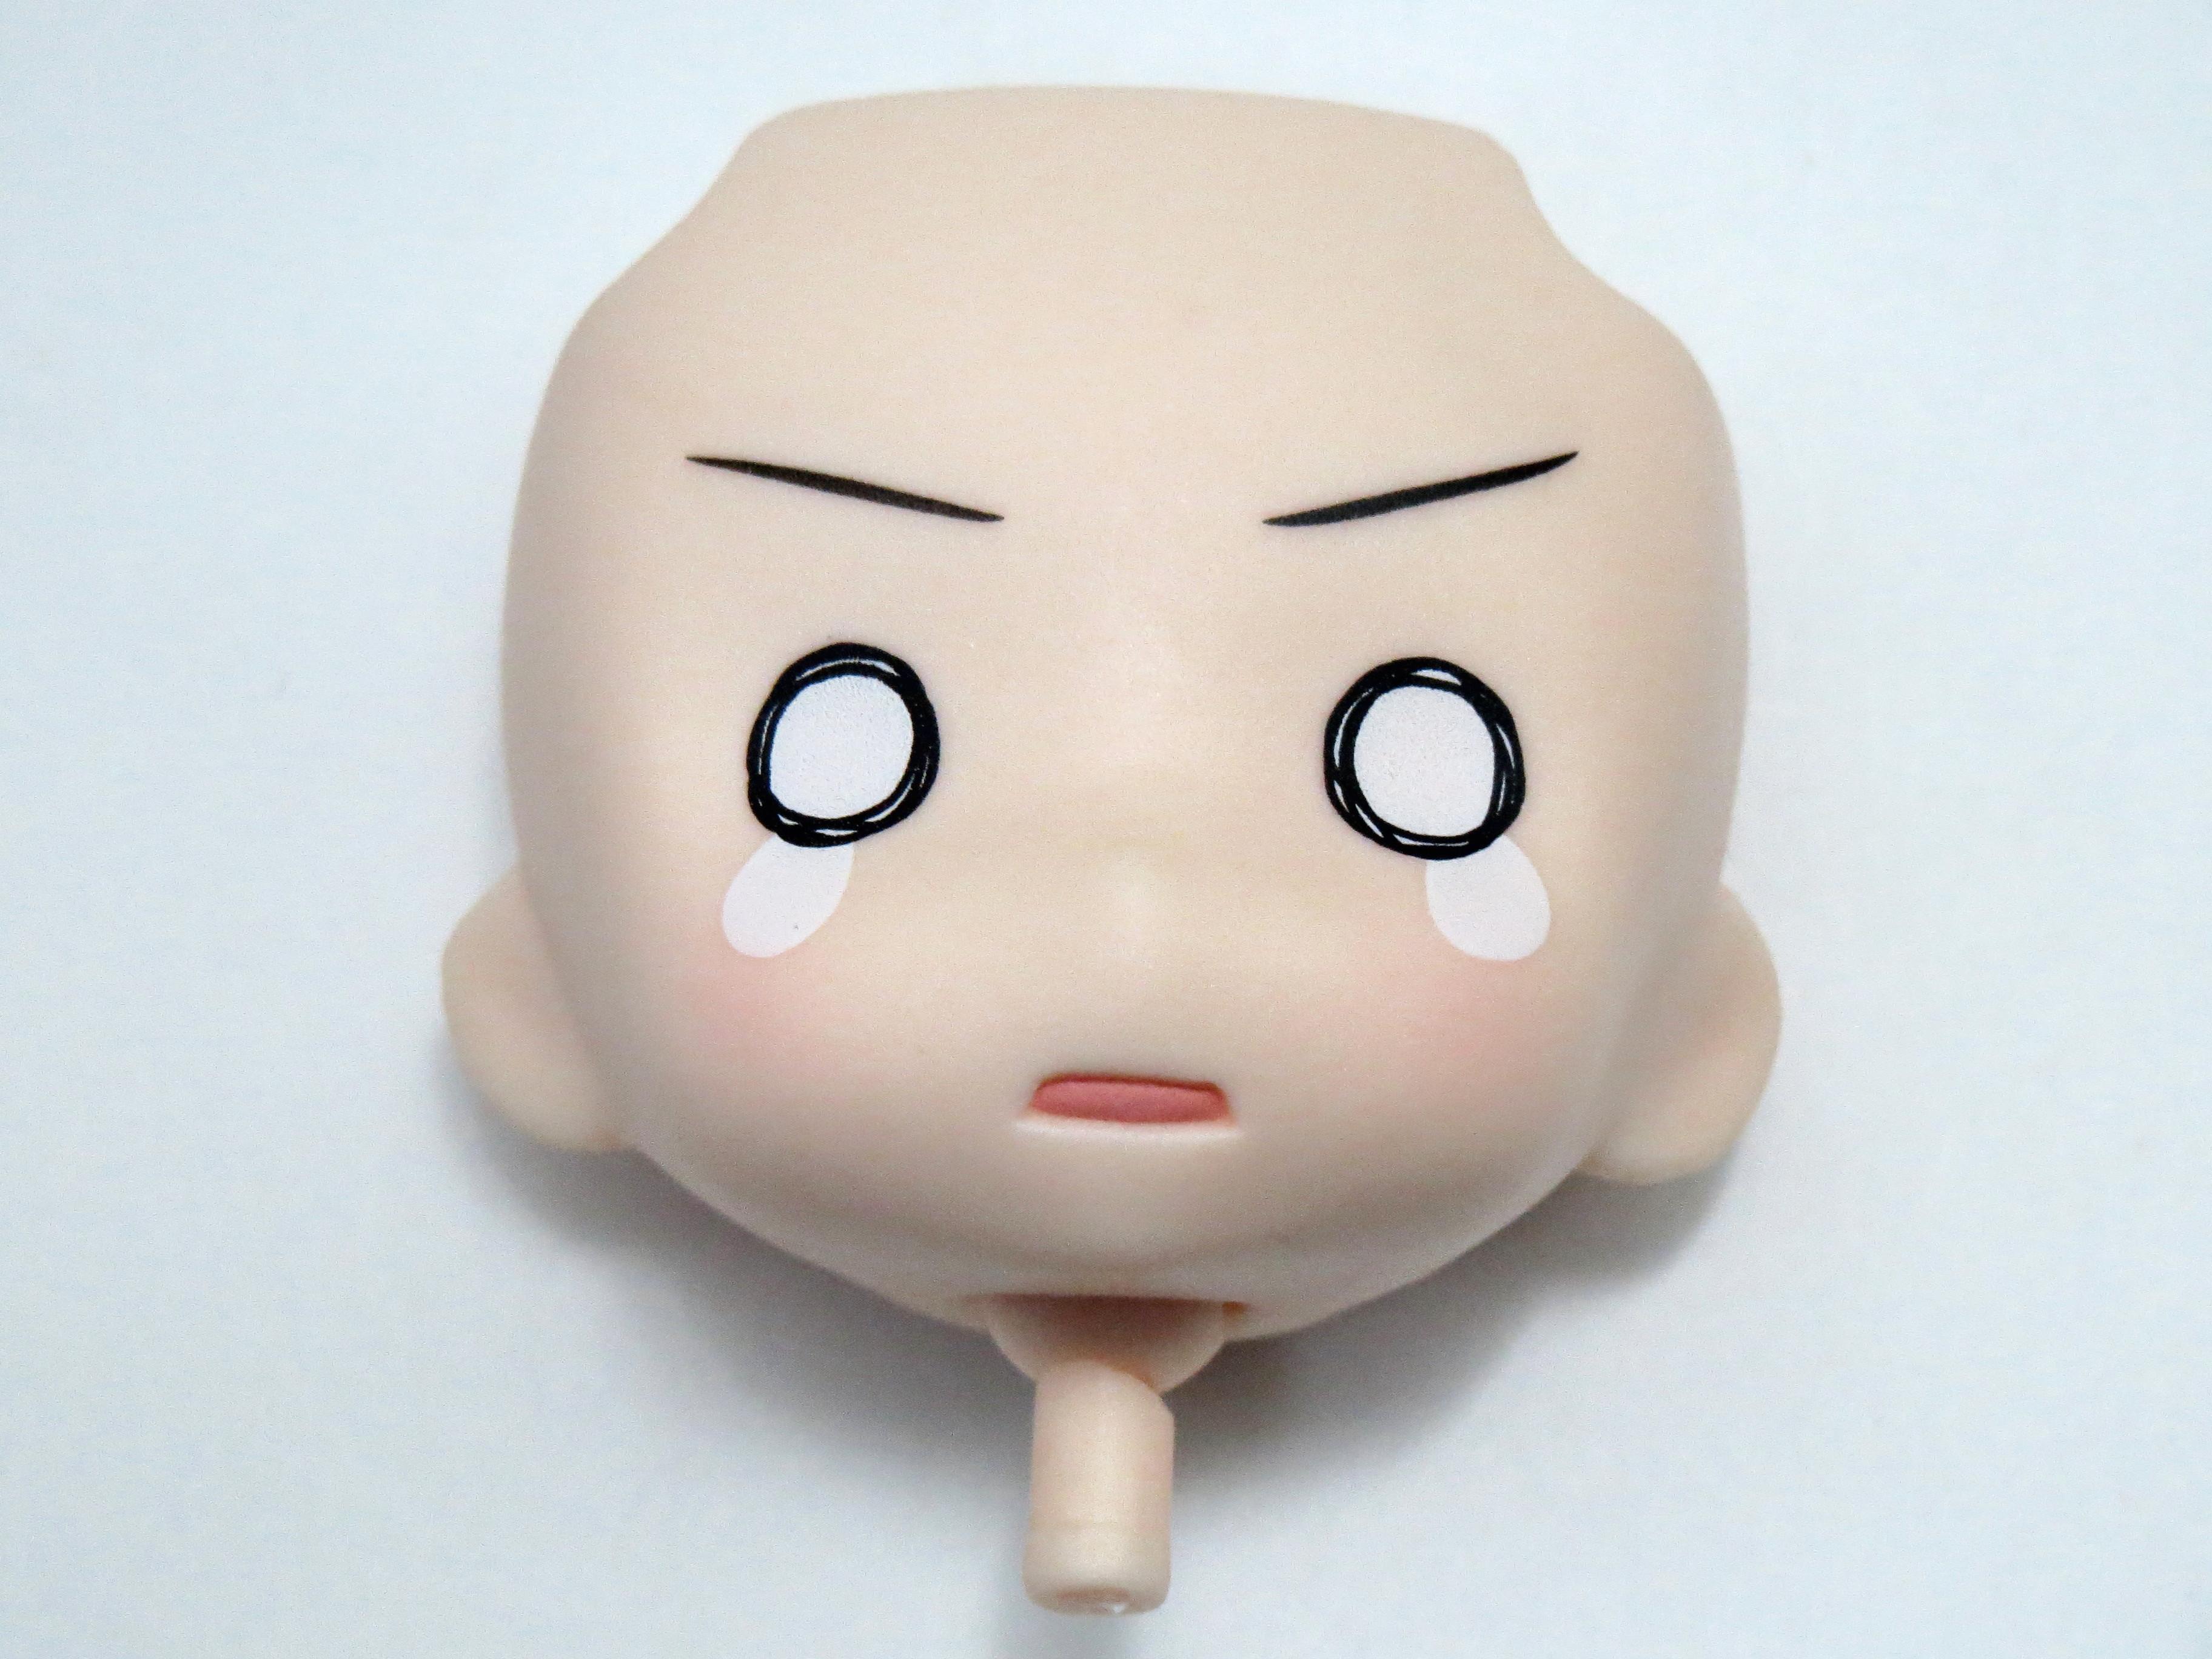 再入荷【101】 秋山澪 ライブステージセット 顔パーツ 泣き顔 ねんどろいど